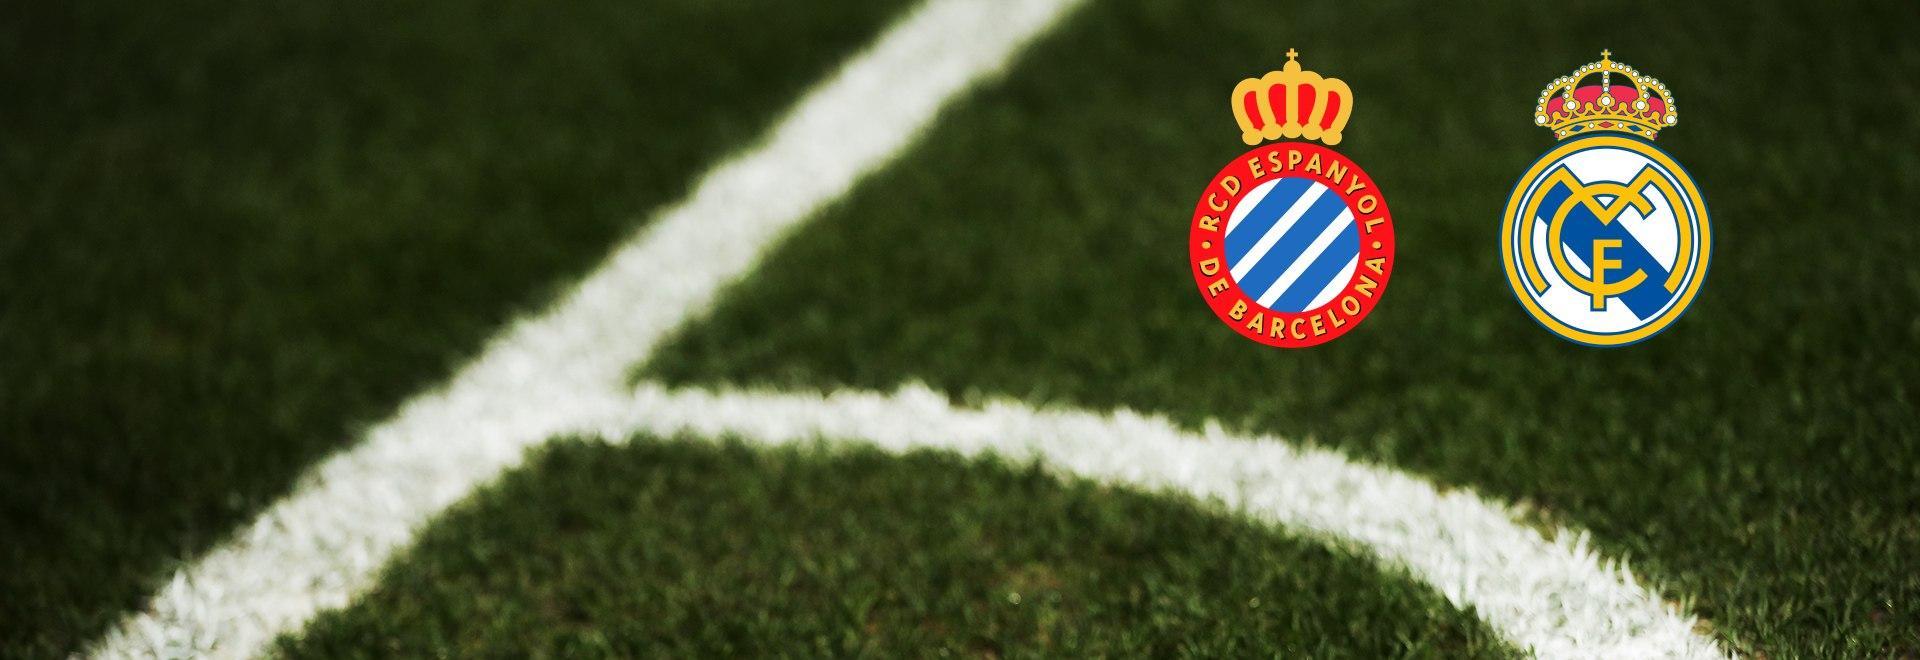 Espanyol - Real Madrid. 32a g.